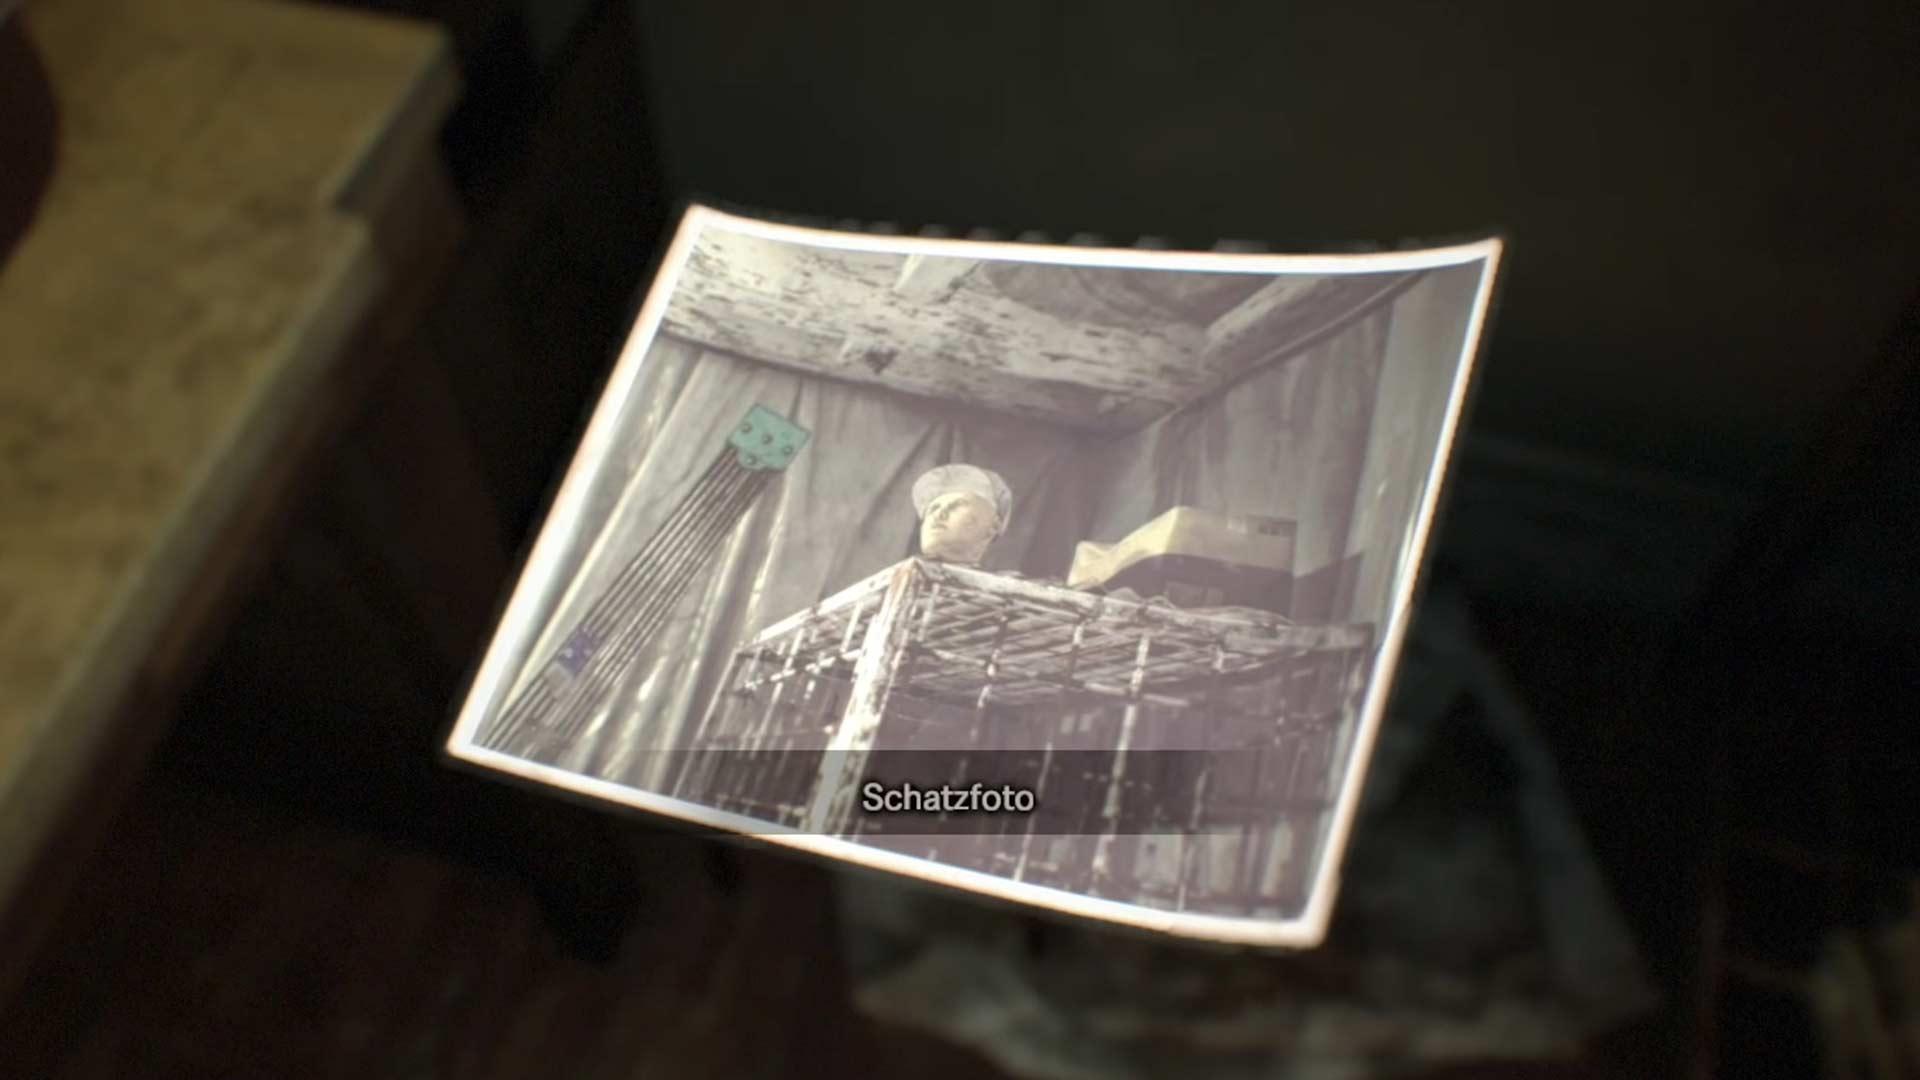 3. Schatzfoto in Resident Evil 7